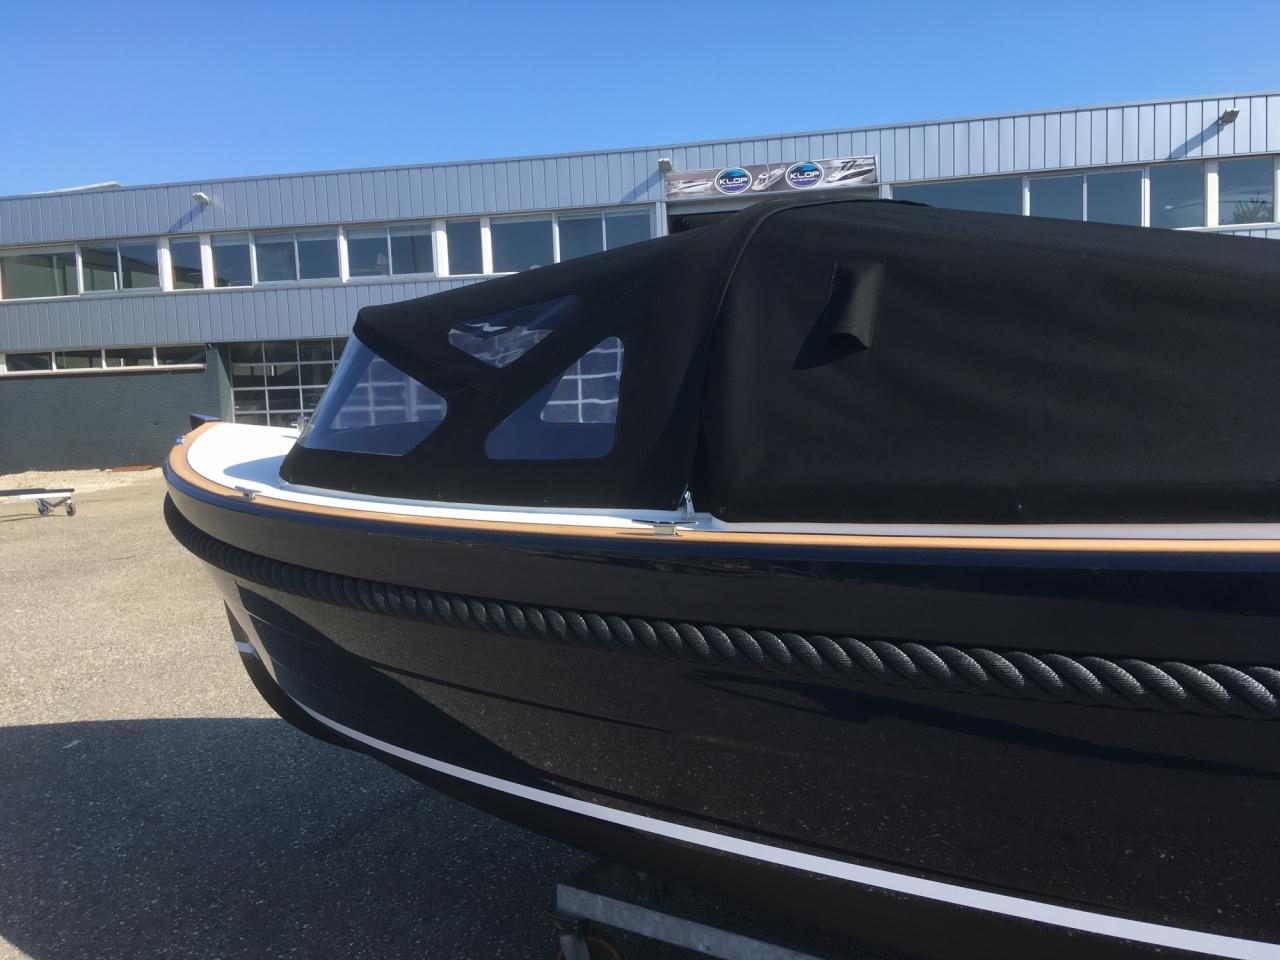 Maril 6NXT donkerblauw met Vetus 52 pk turbo diesel 8